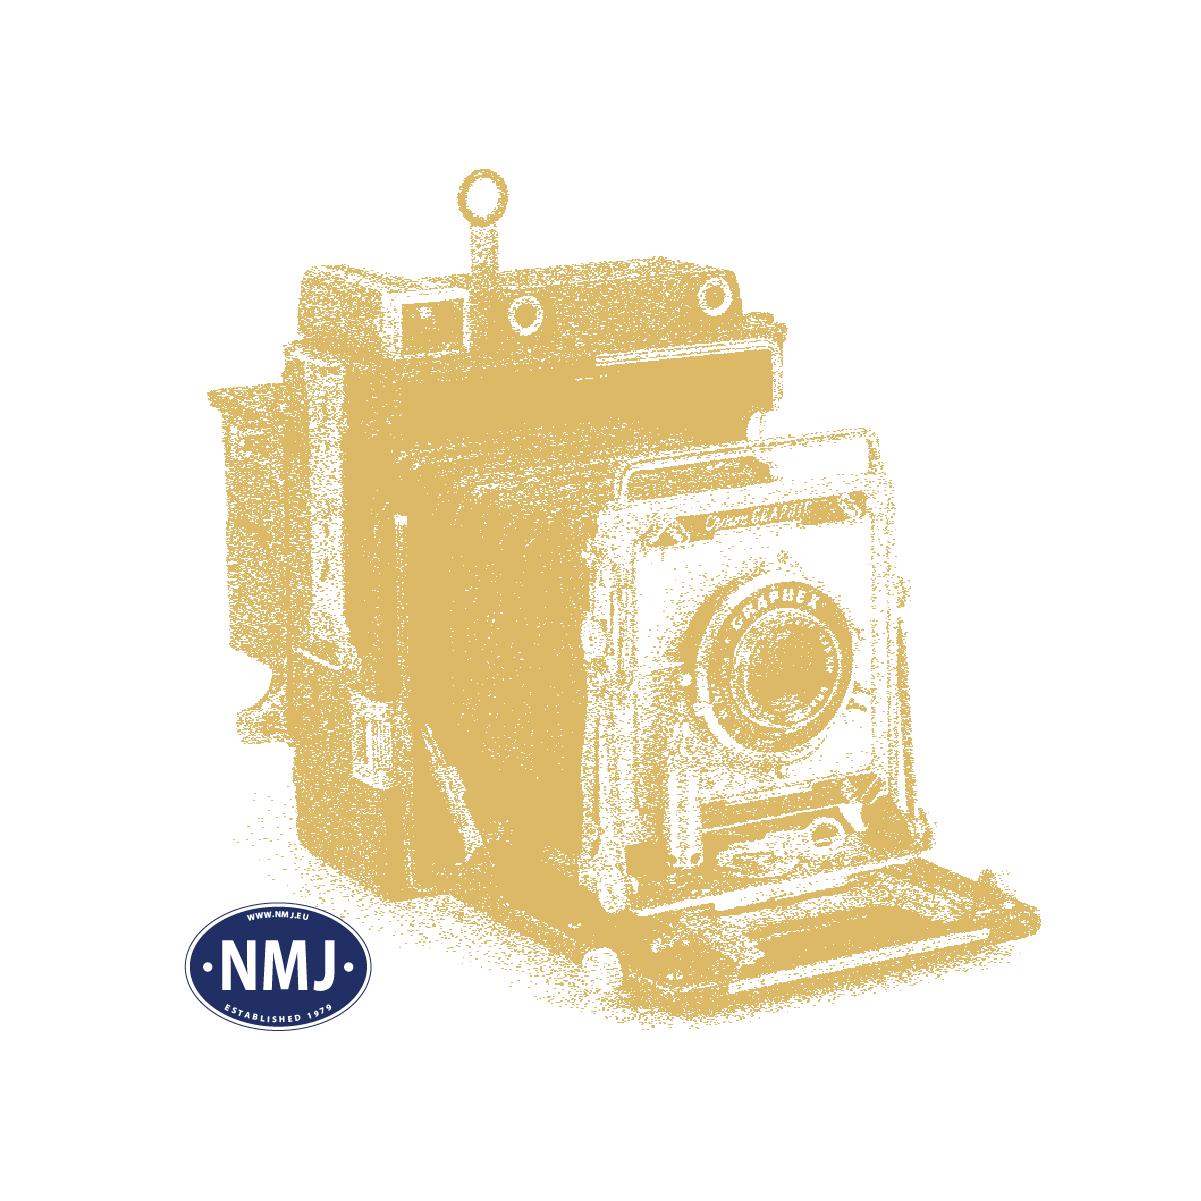 NMJT145303 - NMJ Topline CFL 1601, Tidlig Versjon, DC Analog, 0-Skala